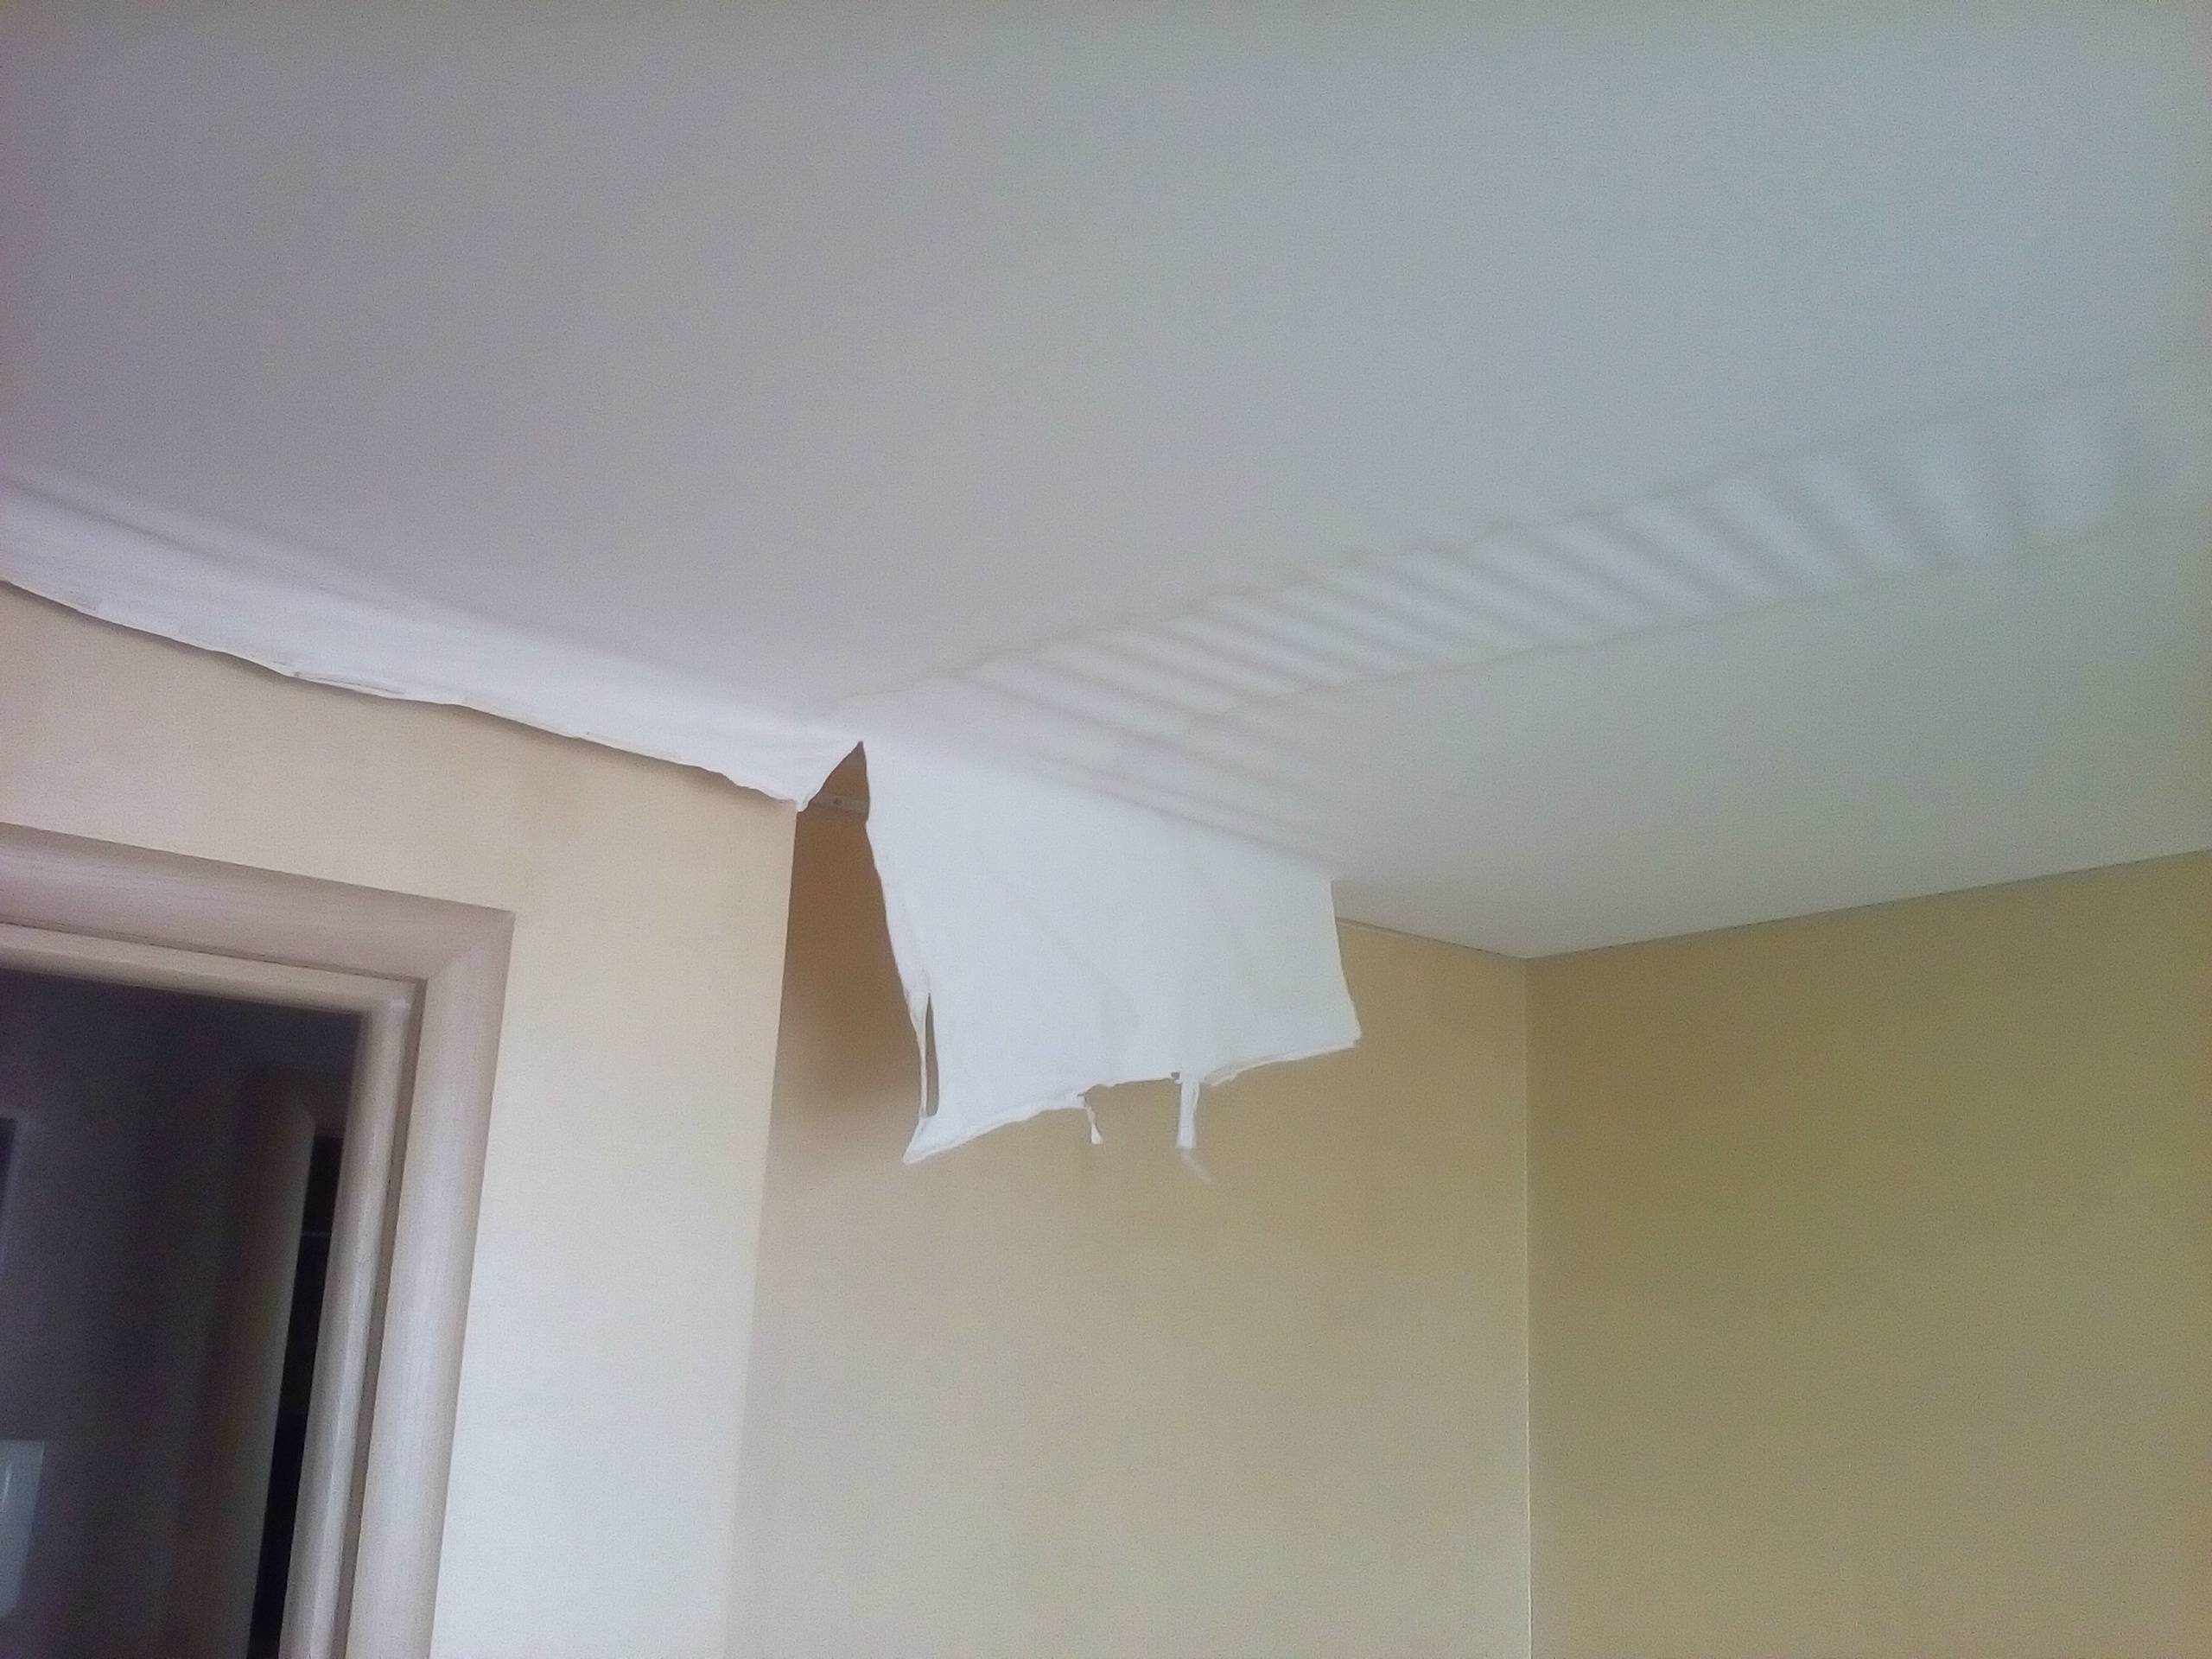 Перетяжка потолка - как перетянуть натяжной потолок своими руками